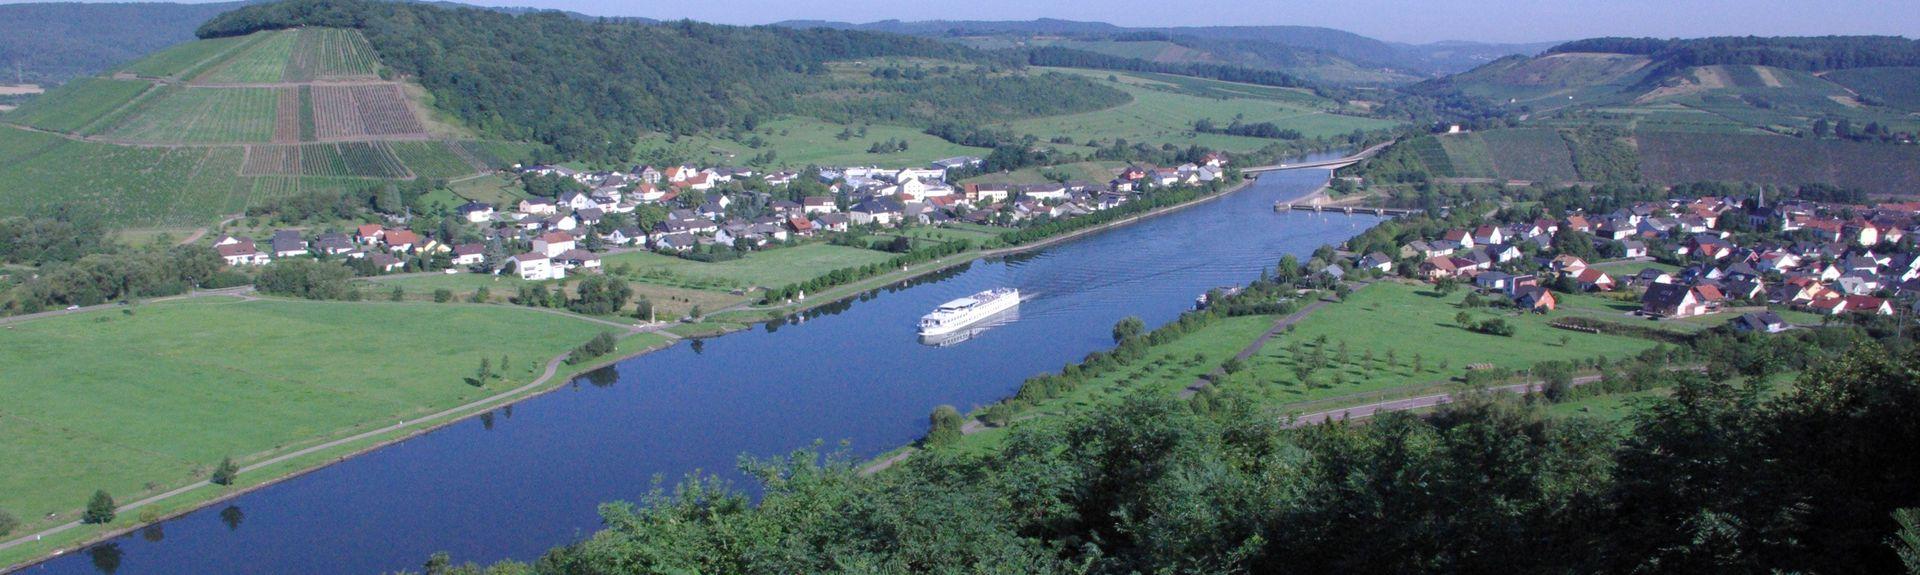 Nittel, Rheinland-Pfalz, Deutschland